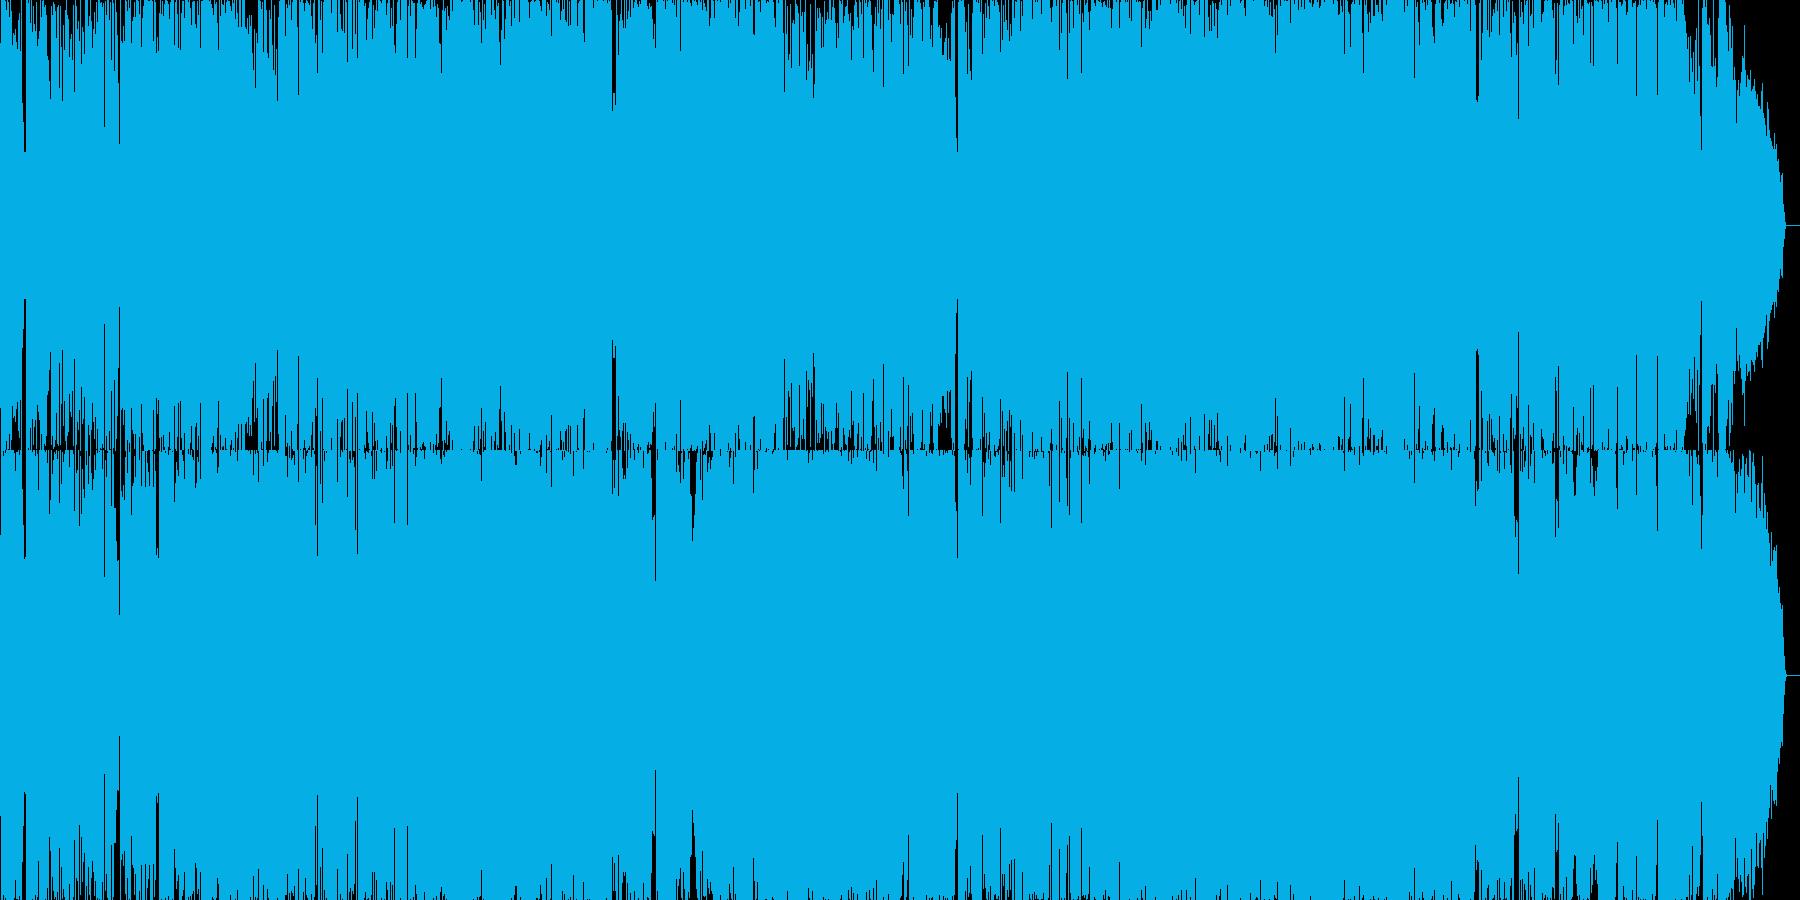 京都をイメージしたフォークソングの再生済みの波形